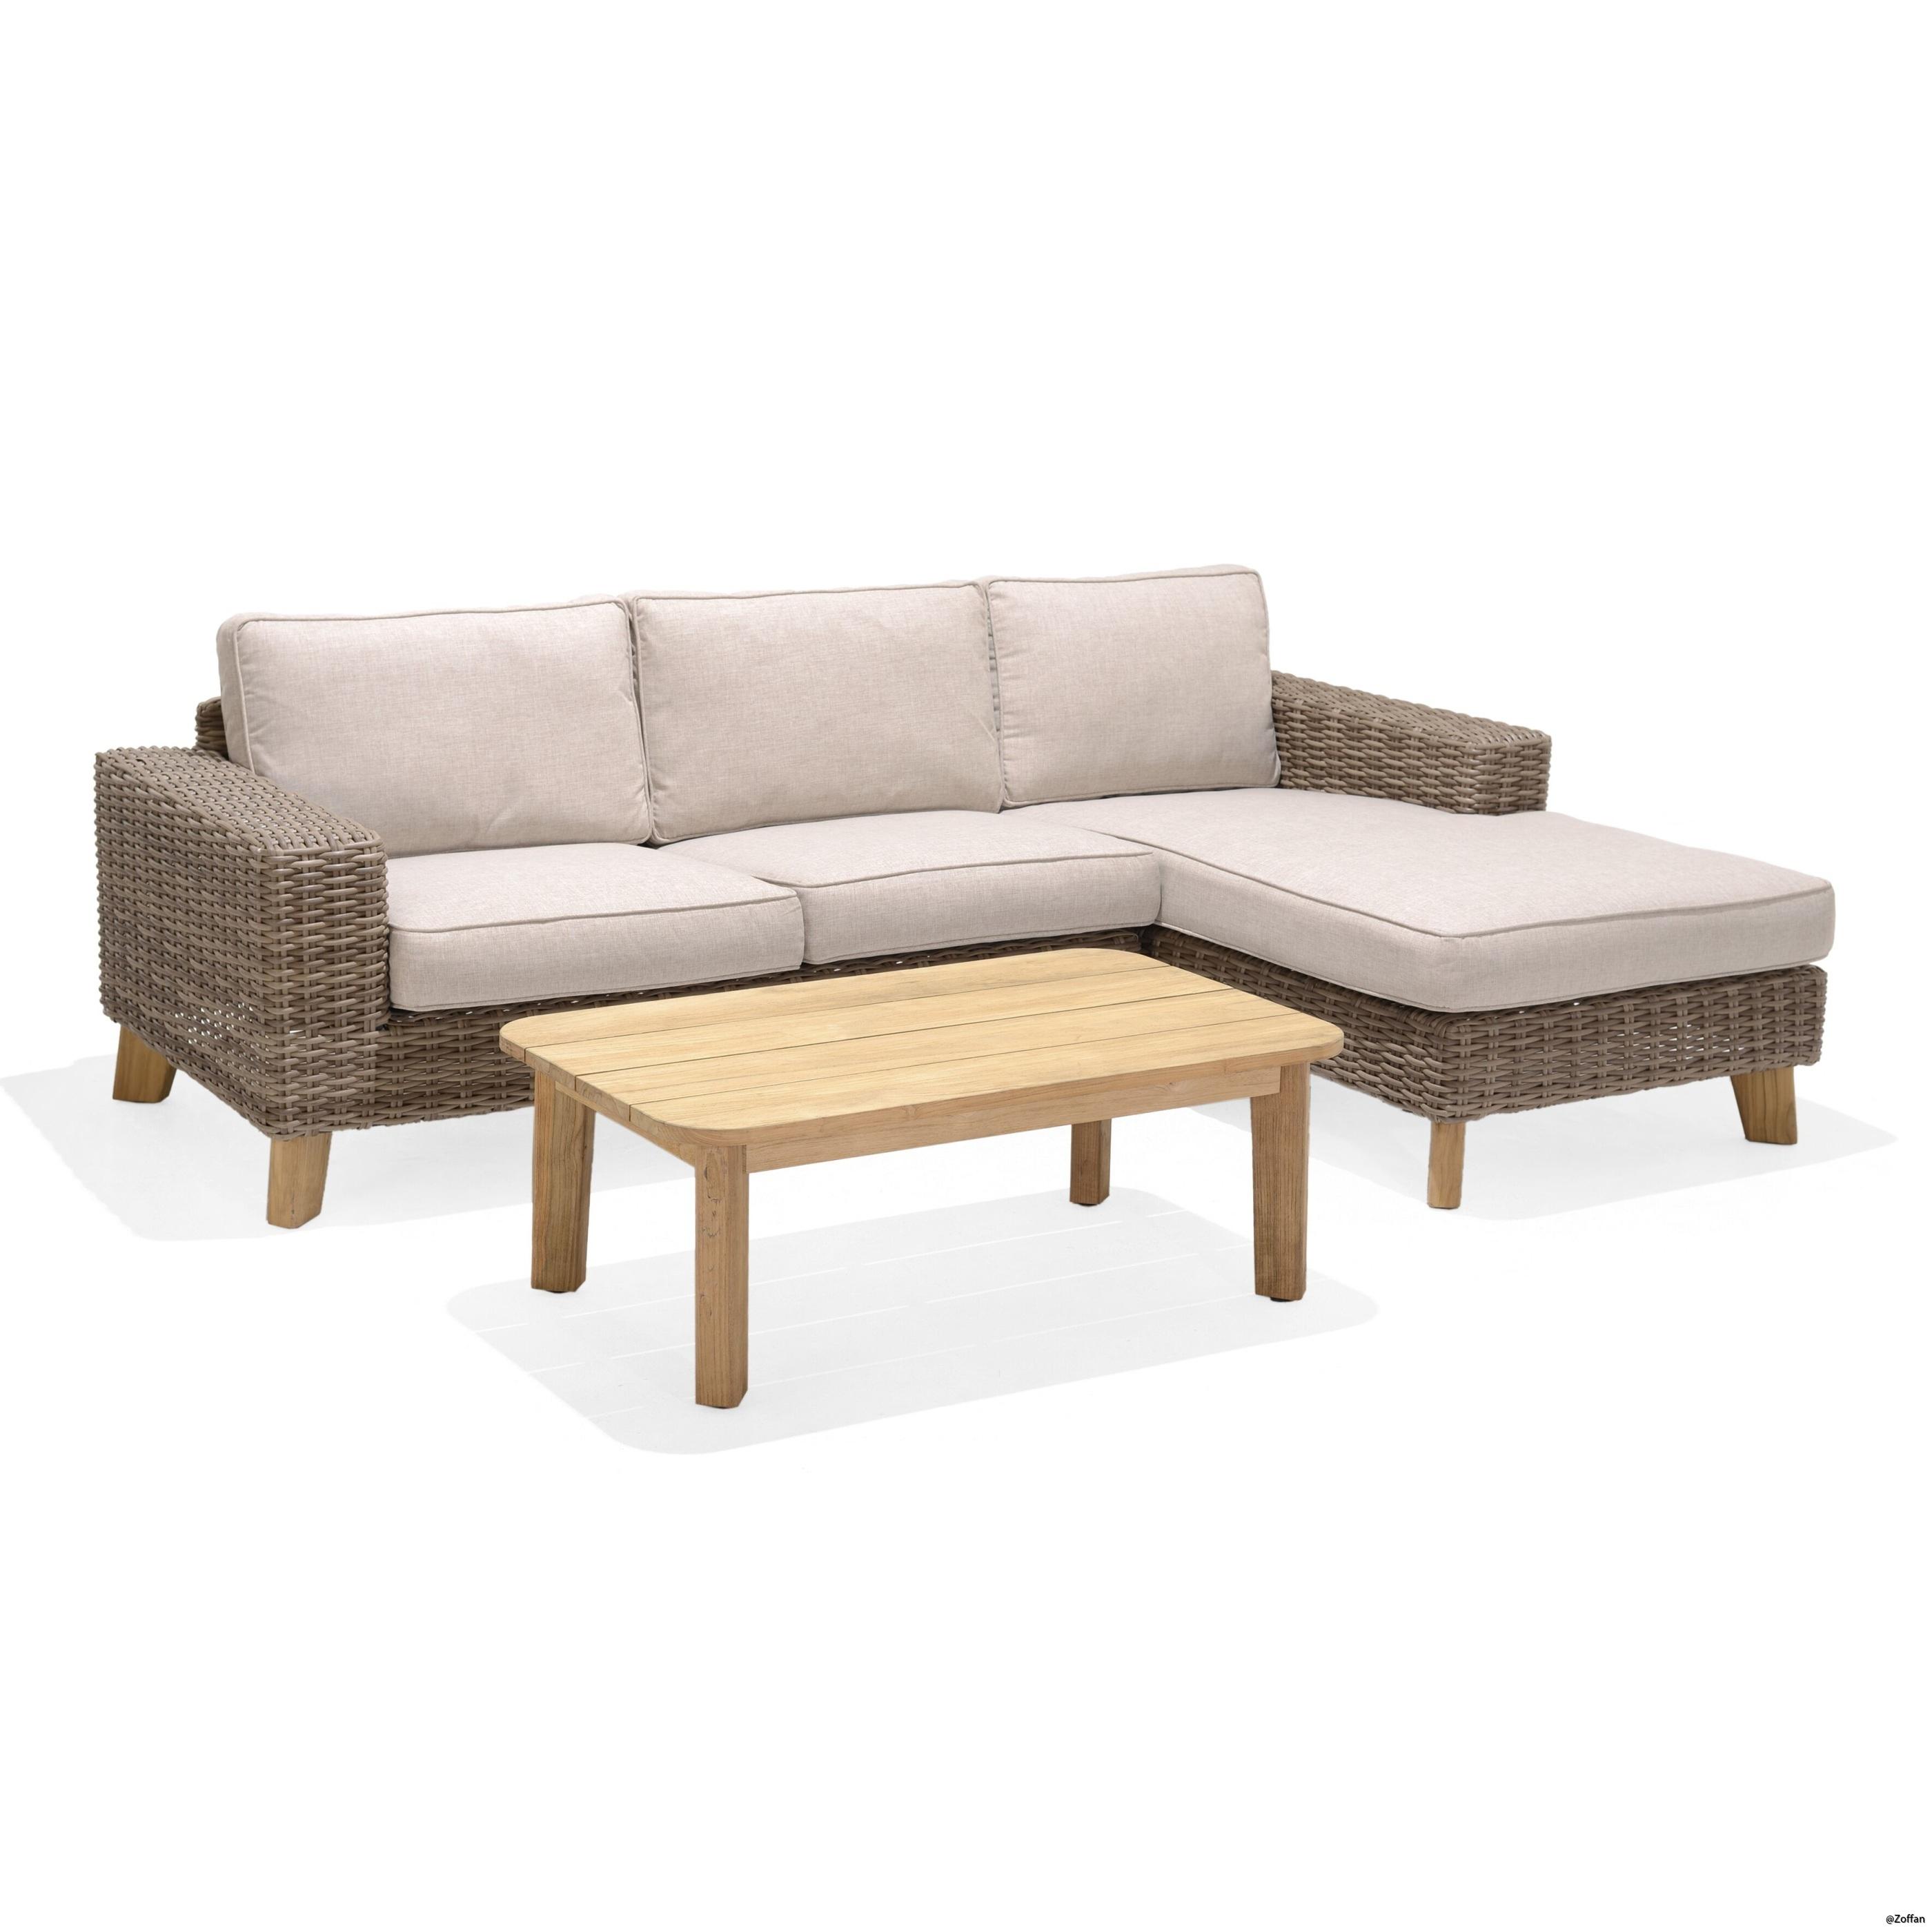 BAHAMAS divansoffa divan till höger 41004+41006+41010